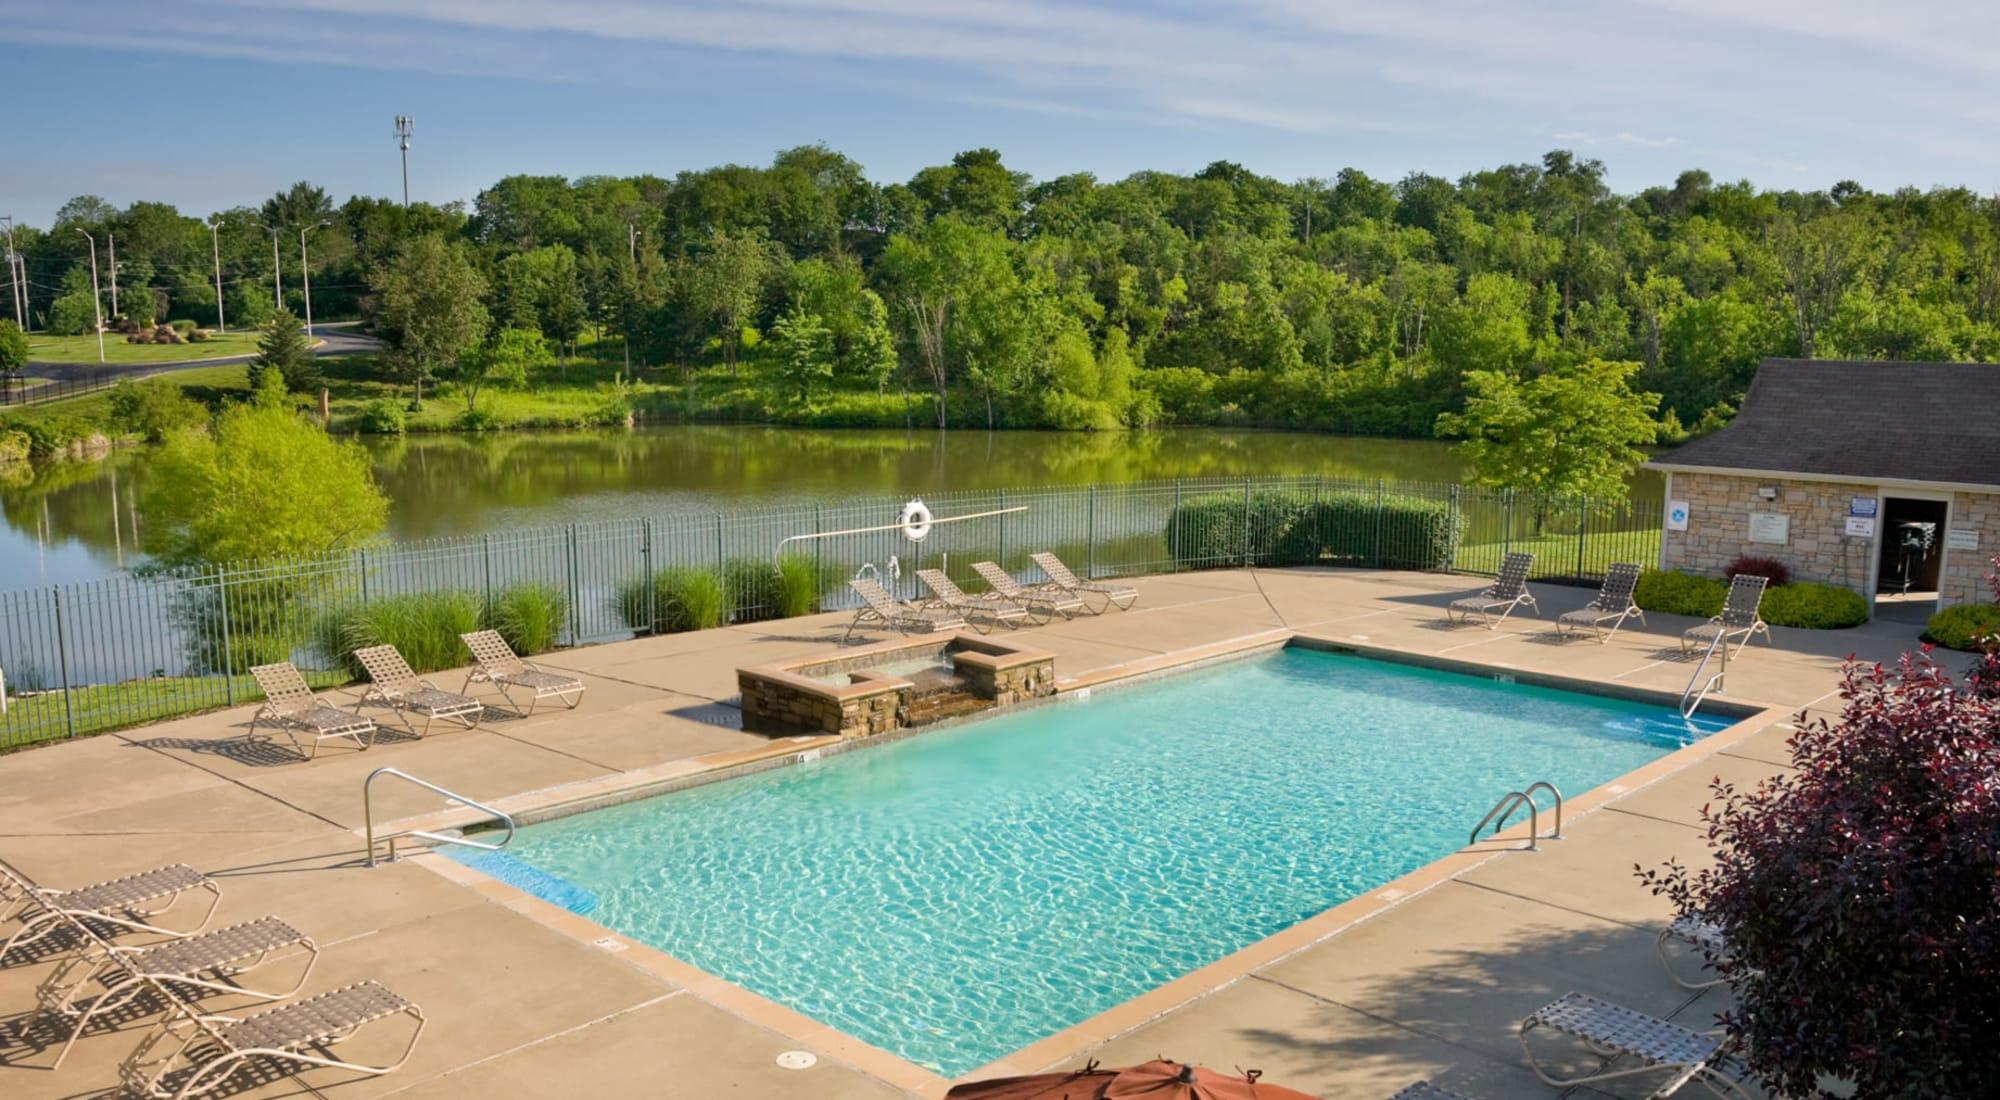 Contact us at Timber Lakes Apartment Homes in Kansas City, Missouri